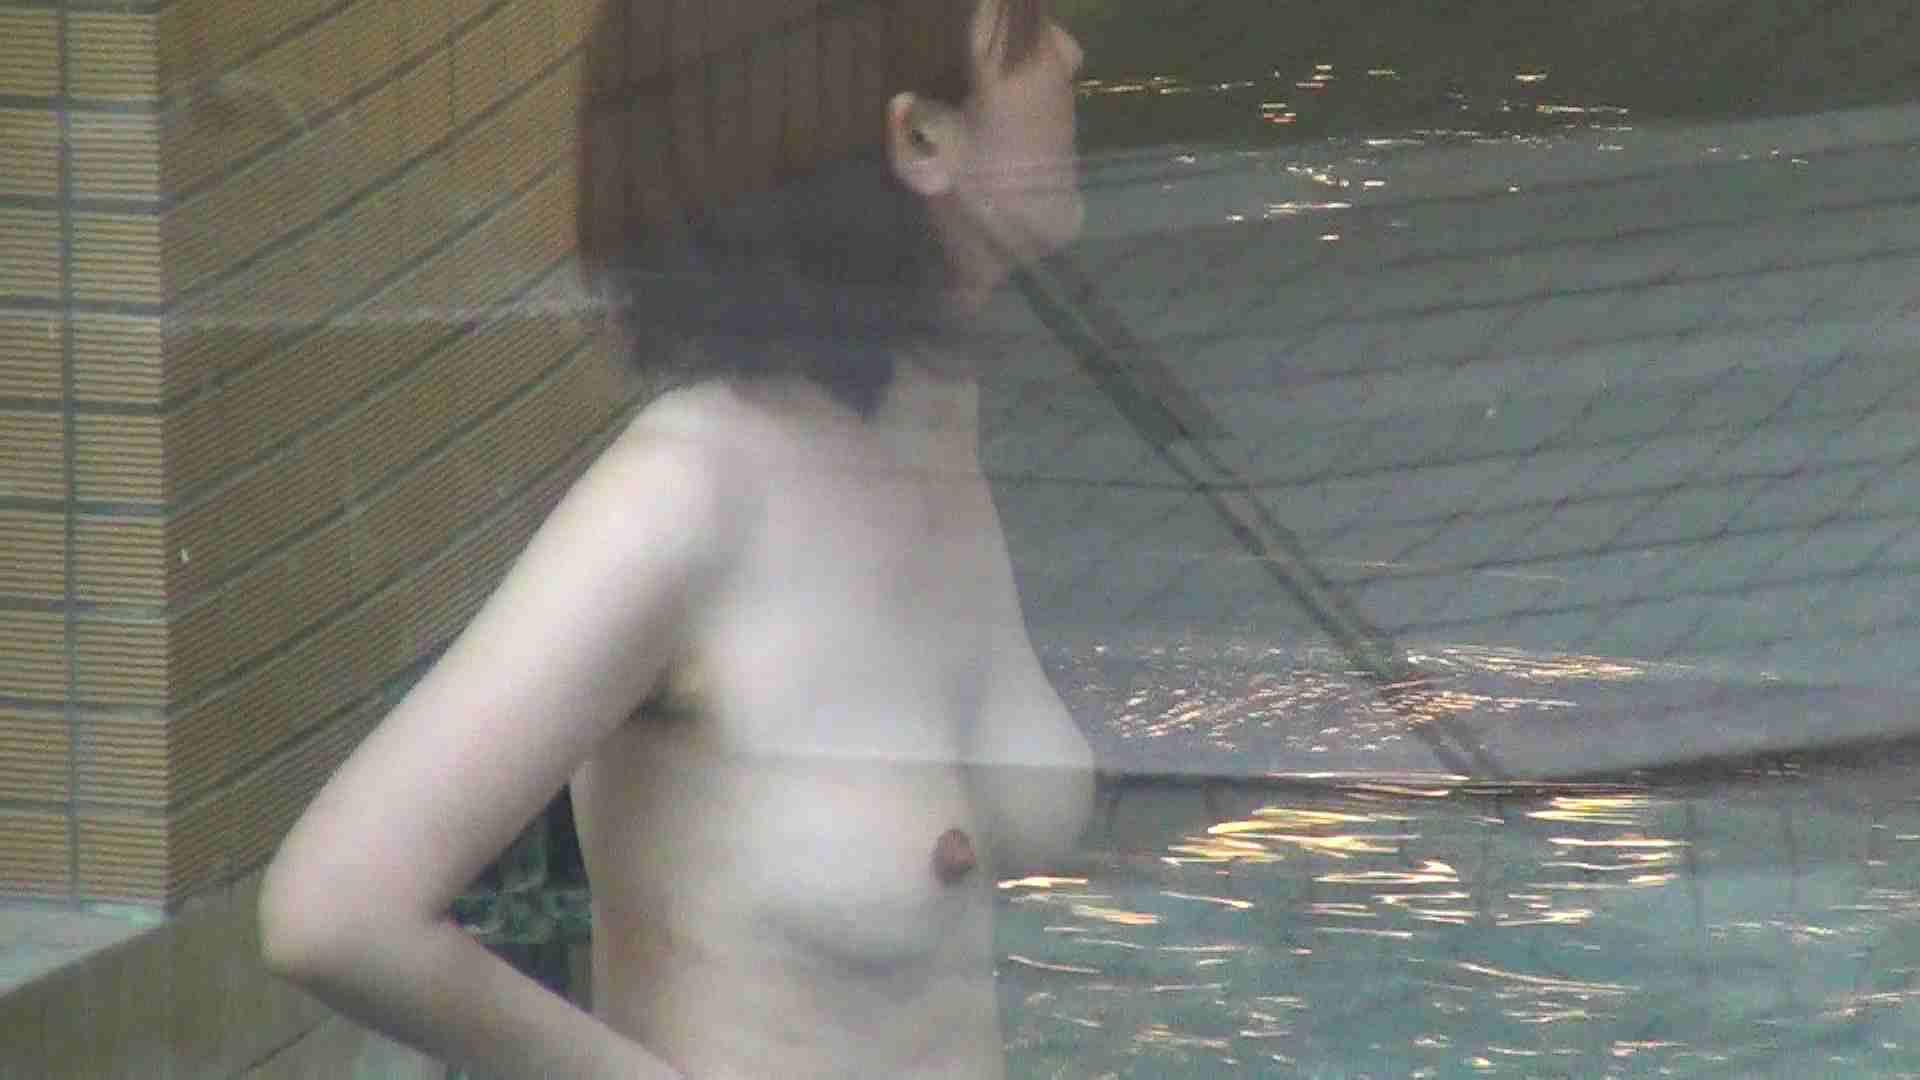 Aquaな露天風呂Vol.297 女体盗撮  91連発 60